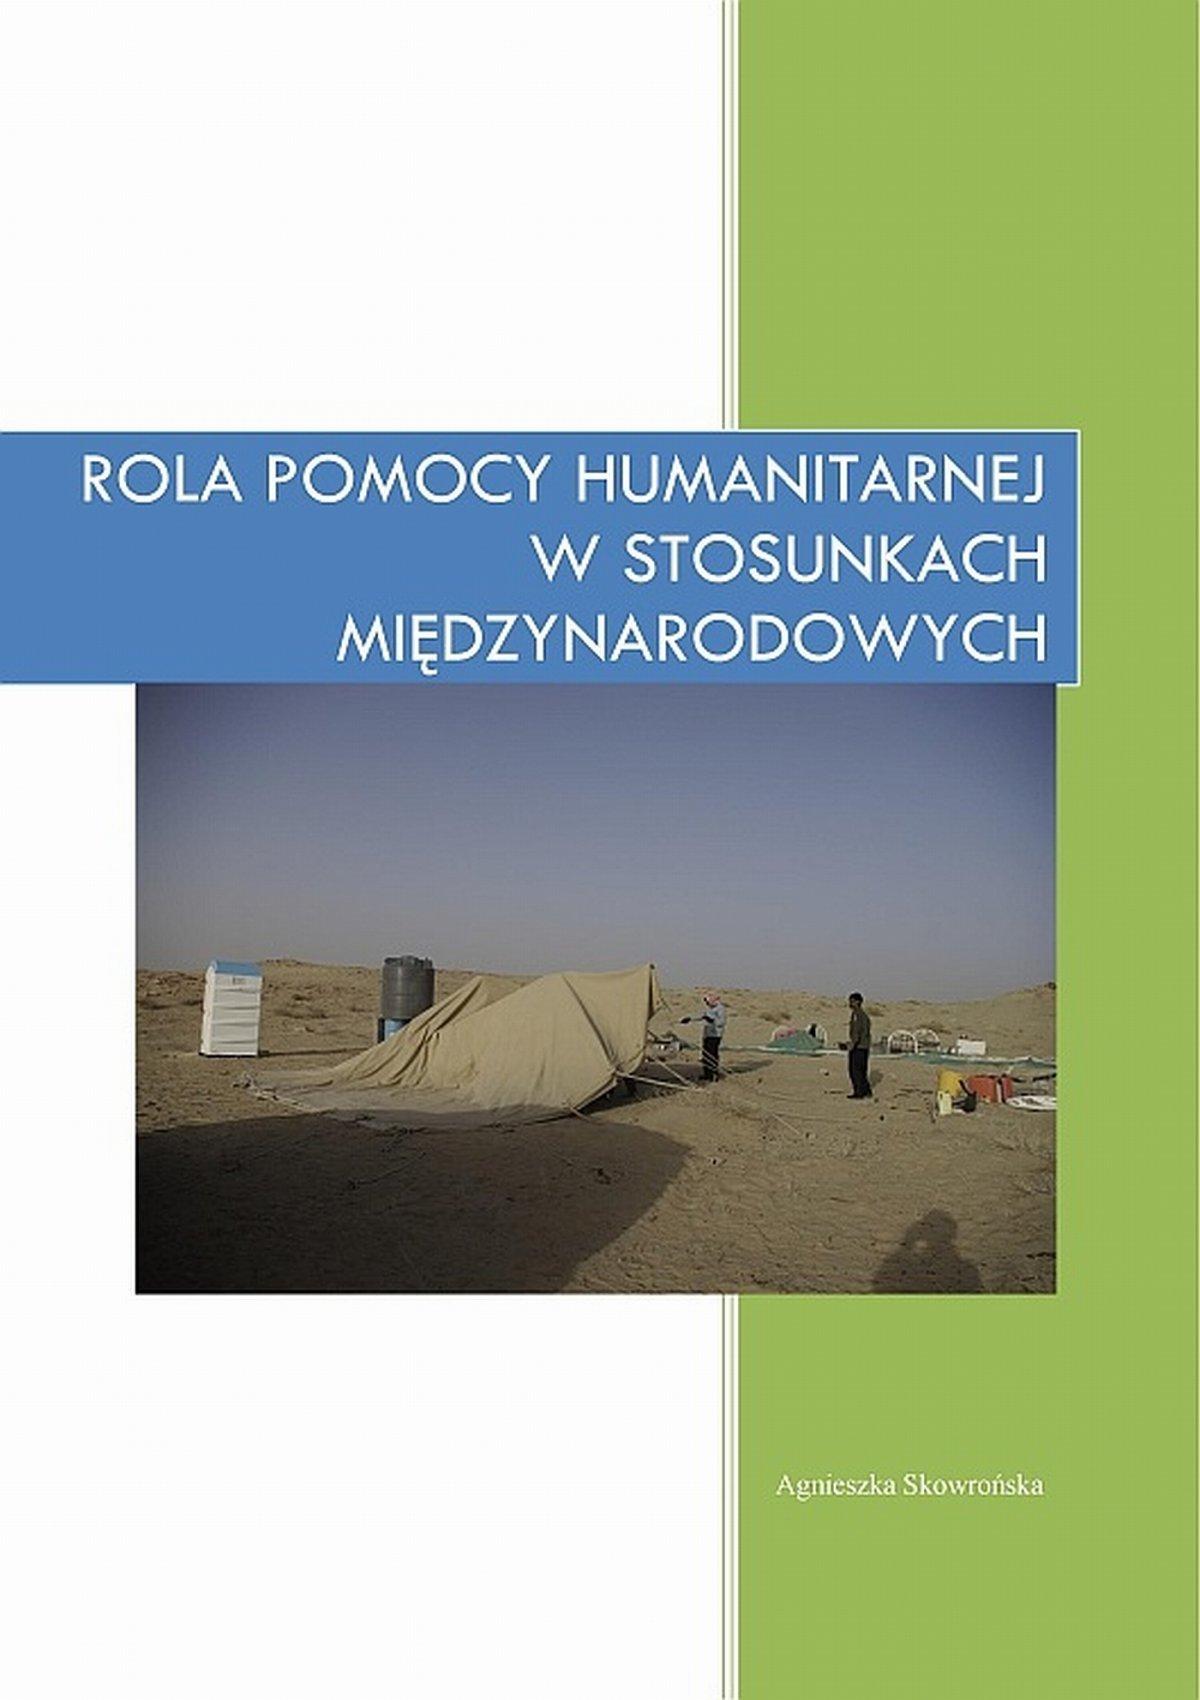 Rola pomocy humanitarnej w stosunkach międzynarodowych - Ebook (Książka EPUB) do pobrania w formacie EPUB